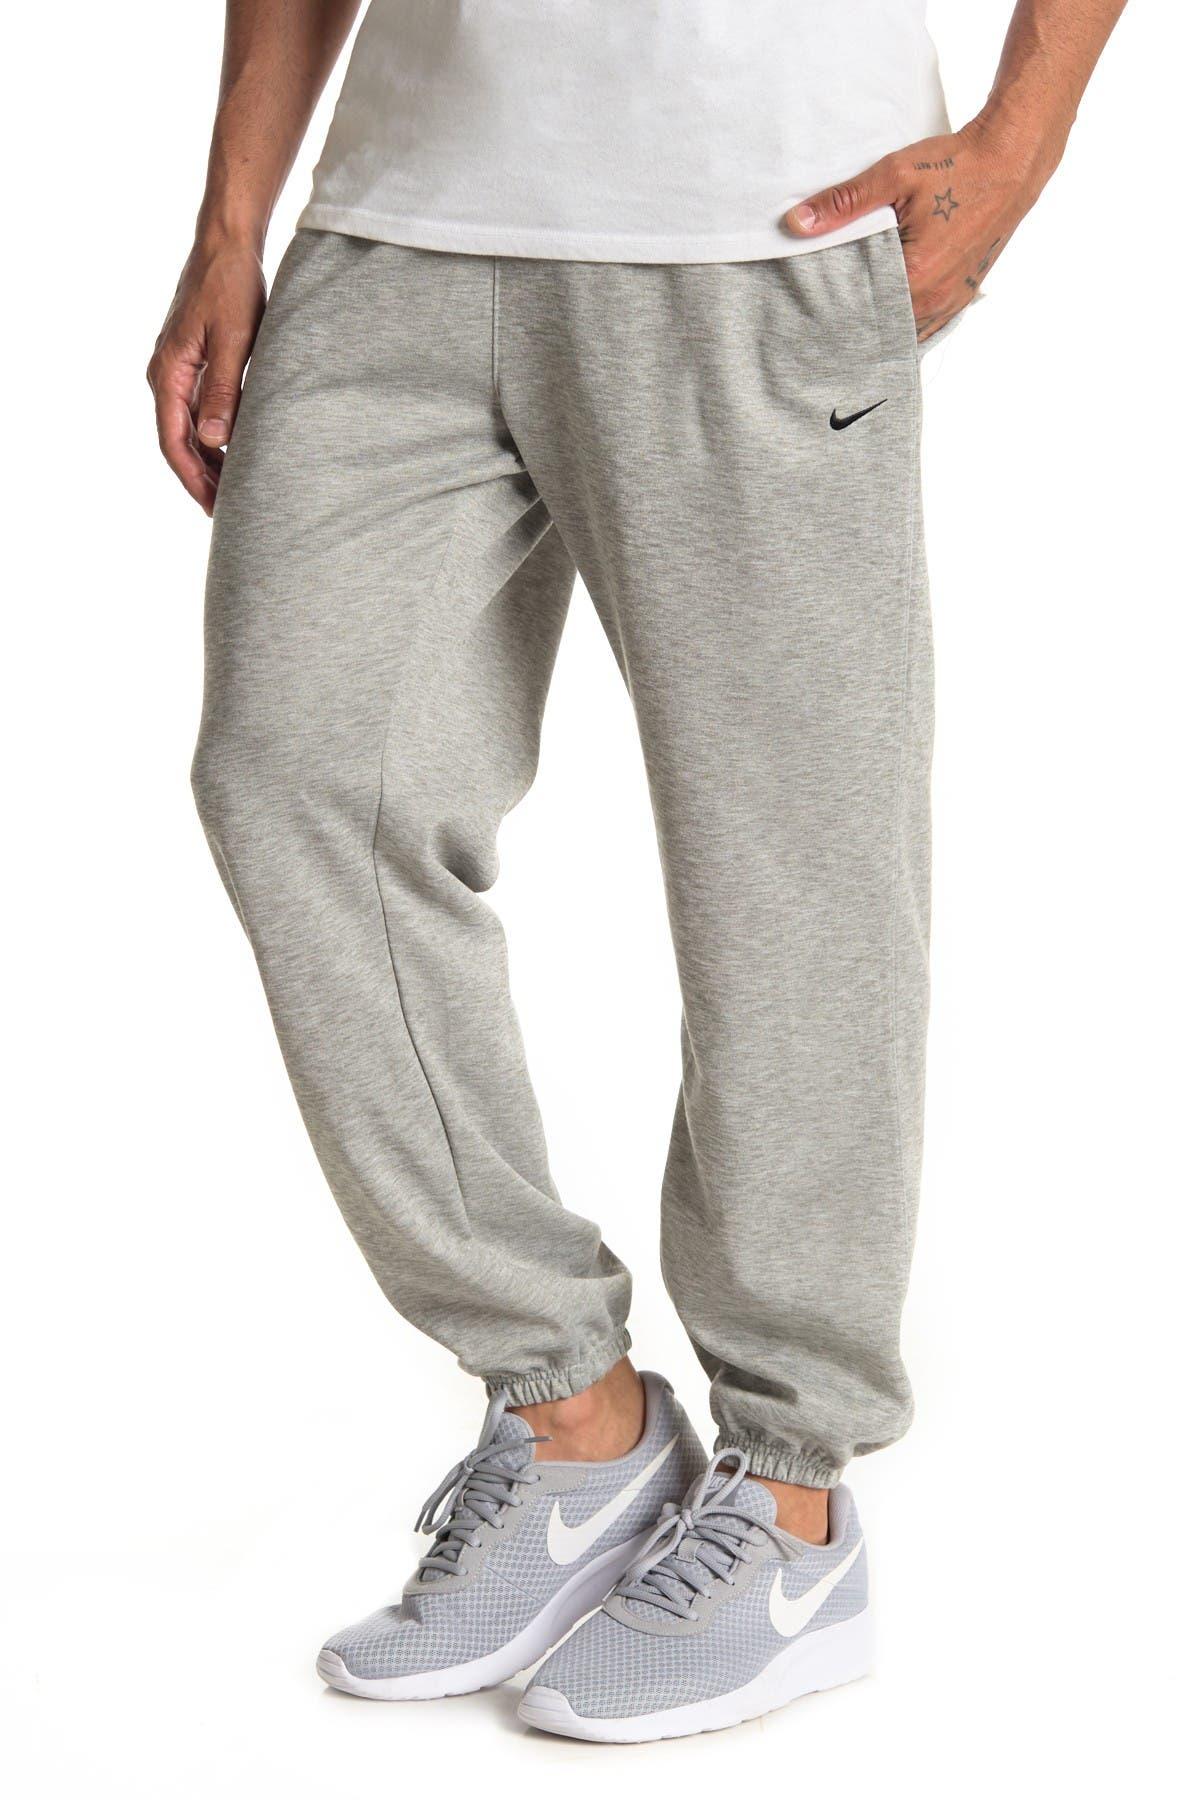 Nike   Spotlight Dri-FIT Jogger Pants